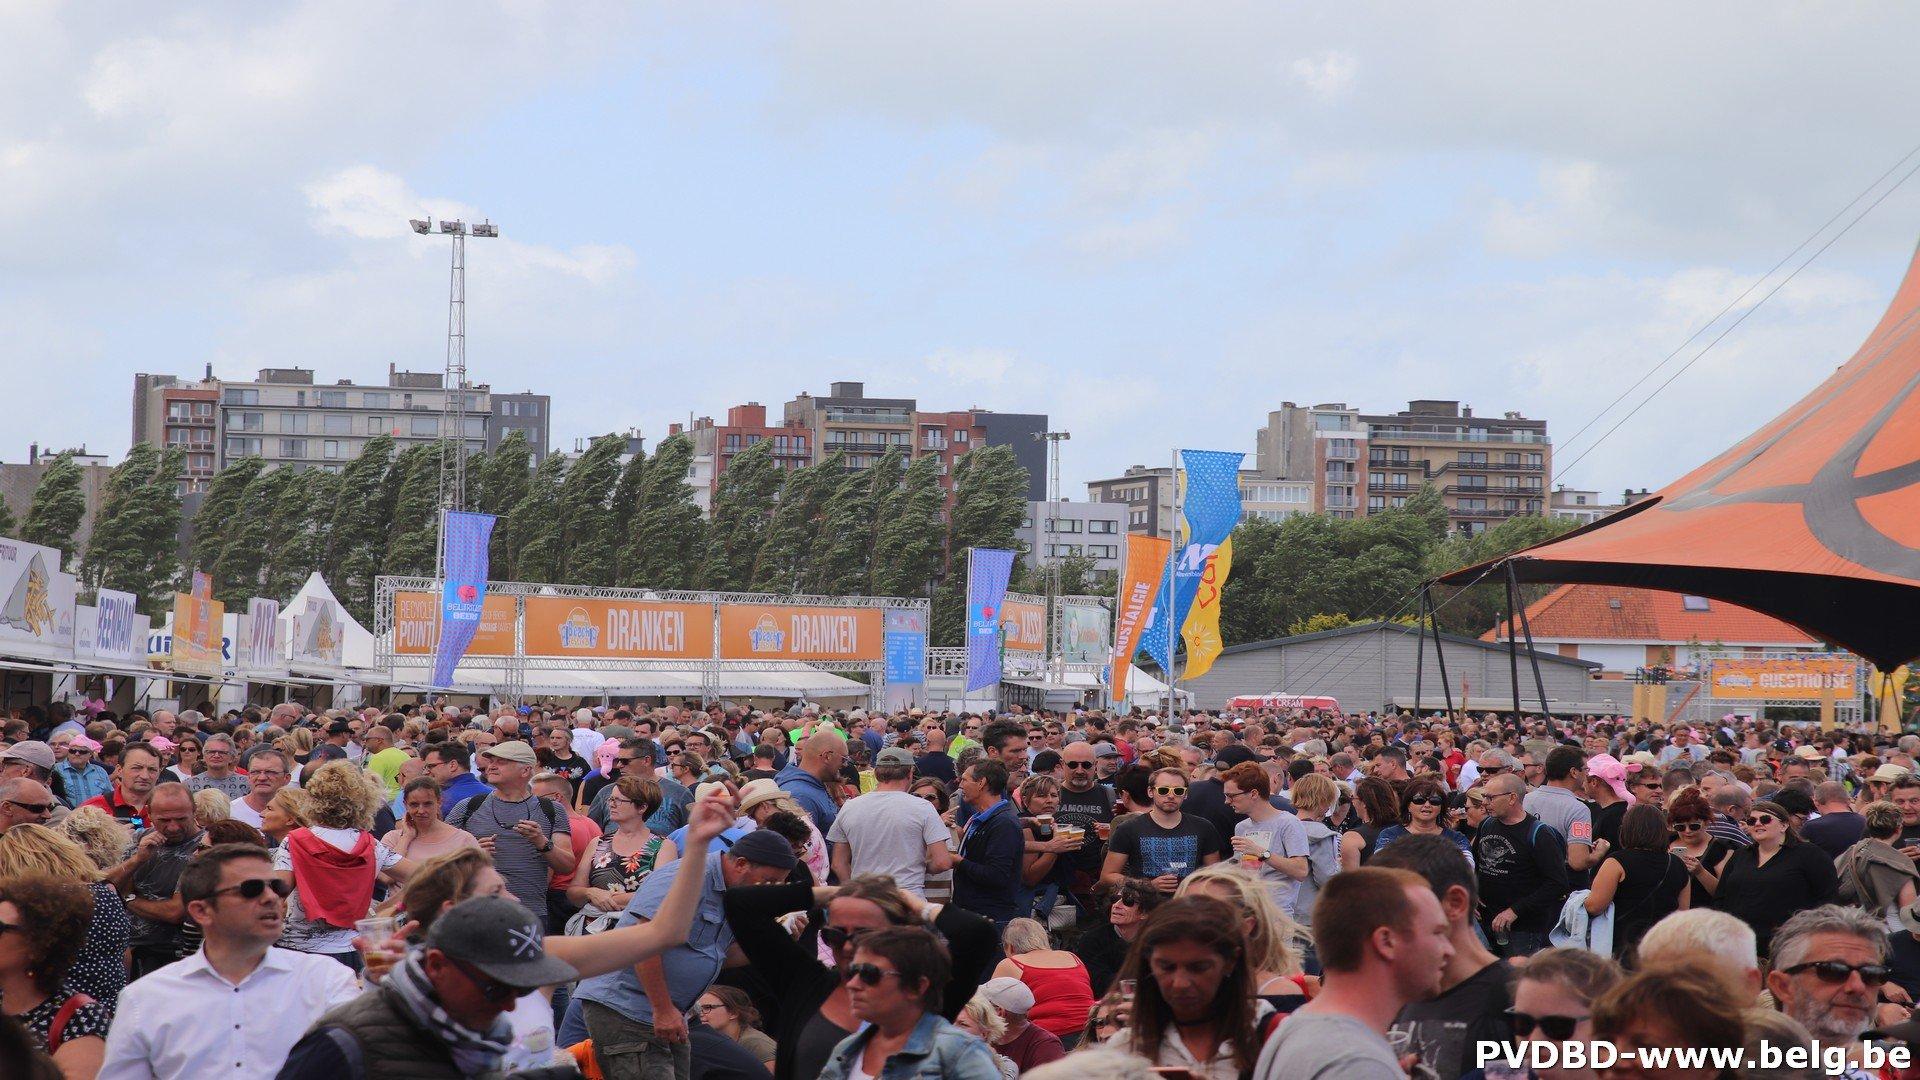 Ondanks winderig weer toch 15.000 festivalgangers op Nostalgie Beach - IMG 2043